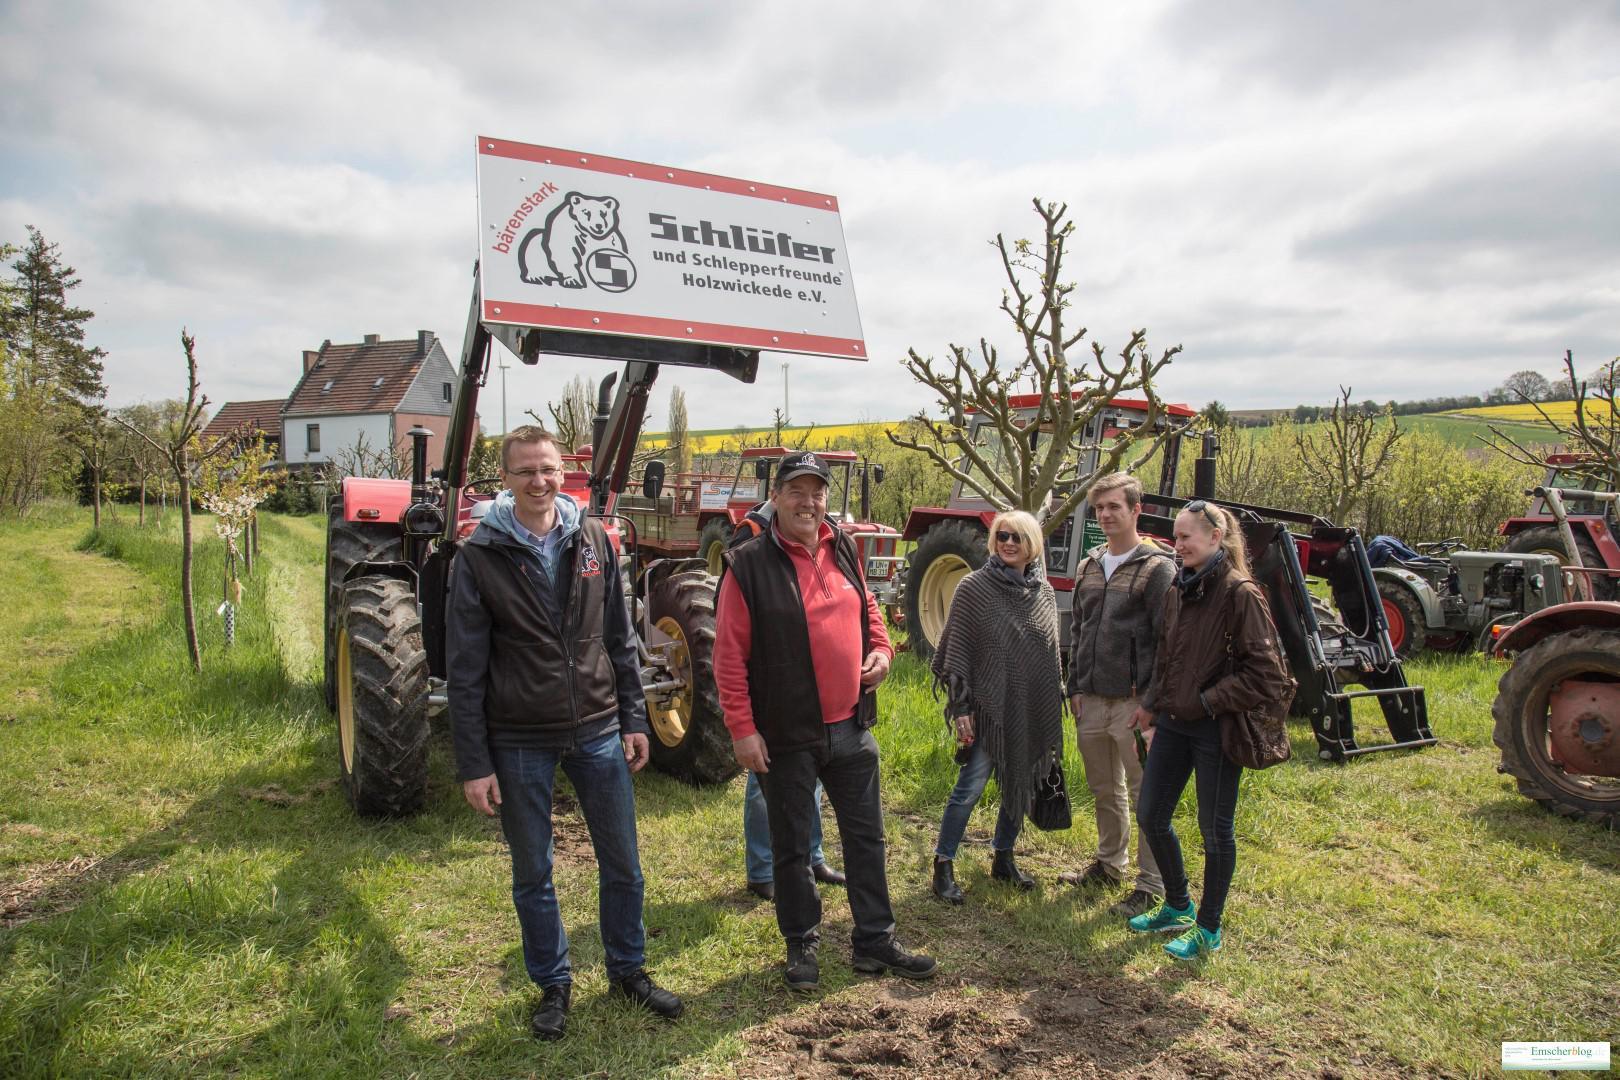 Saisonauftakt für die Schlüter und Schlepperfreunde auf der Wiese Streuobstwiese ihres Vorsitzenden Manfred Bolle (2.v.l.). (Foto: Peter Gräber)